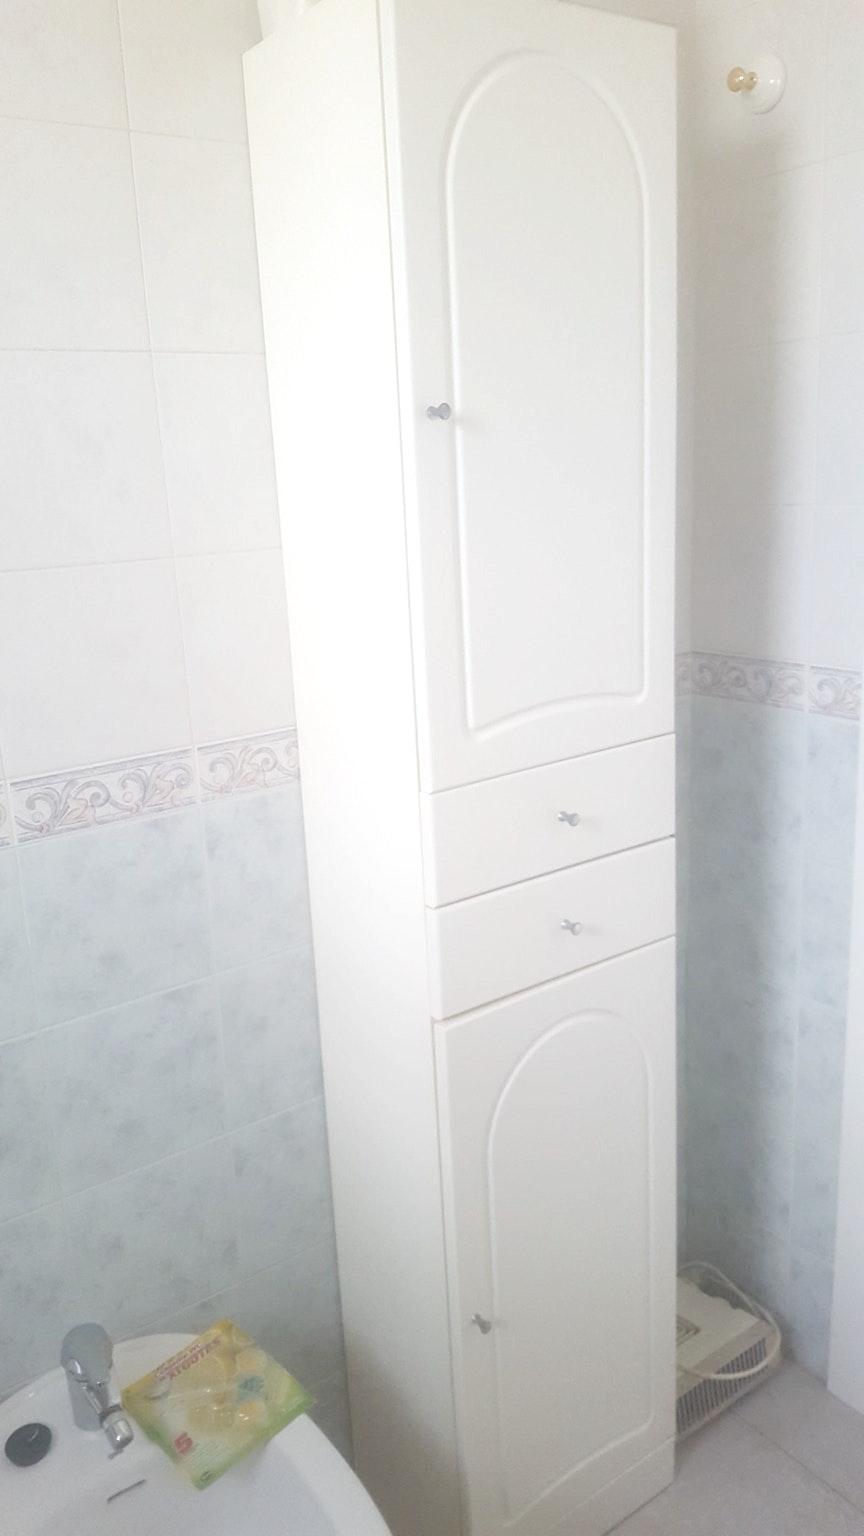 Ferienhaus Sonniges Haus mit 2 Schlafzimmern, WLAN, Swimmingpool und Solarium nahe Torrevieja - 1km z (2202043), Torrevieja, Costa Blanca, Valencia, Spanien, Bild 19